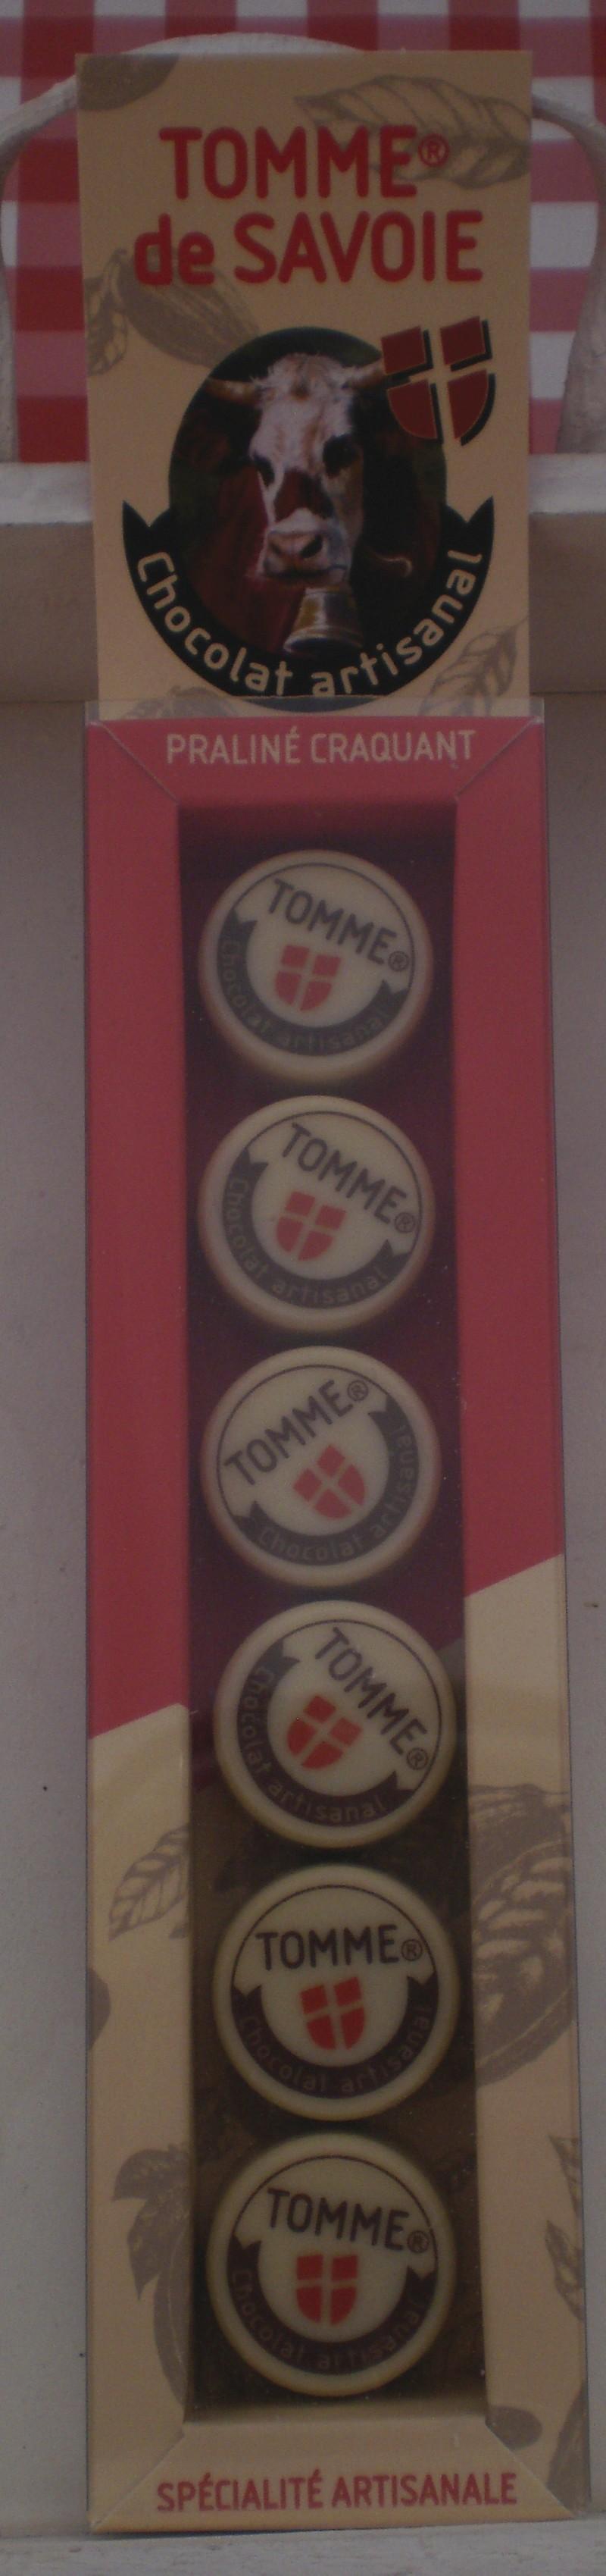 """CHOCOLAT DE SAVOIE """"PETITES TOMMES """" ETUI 6 TOMES DE SAVOIE - Voir en grand"""